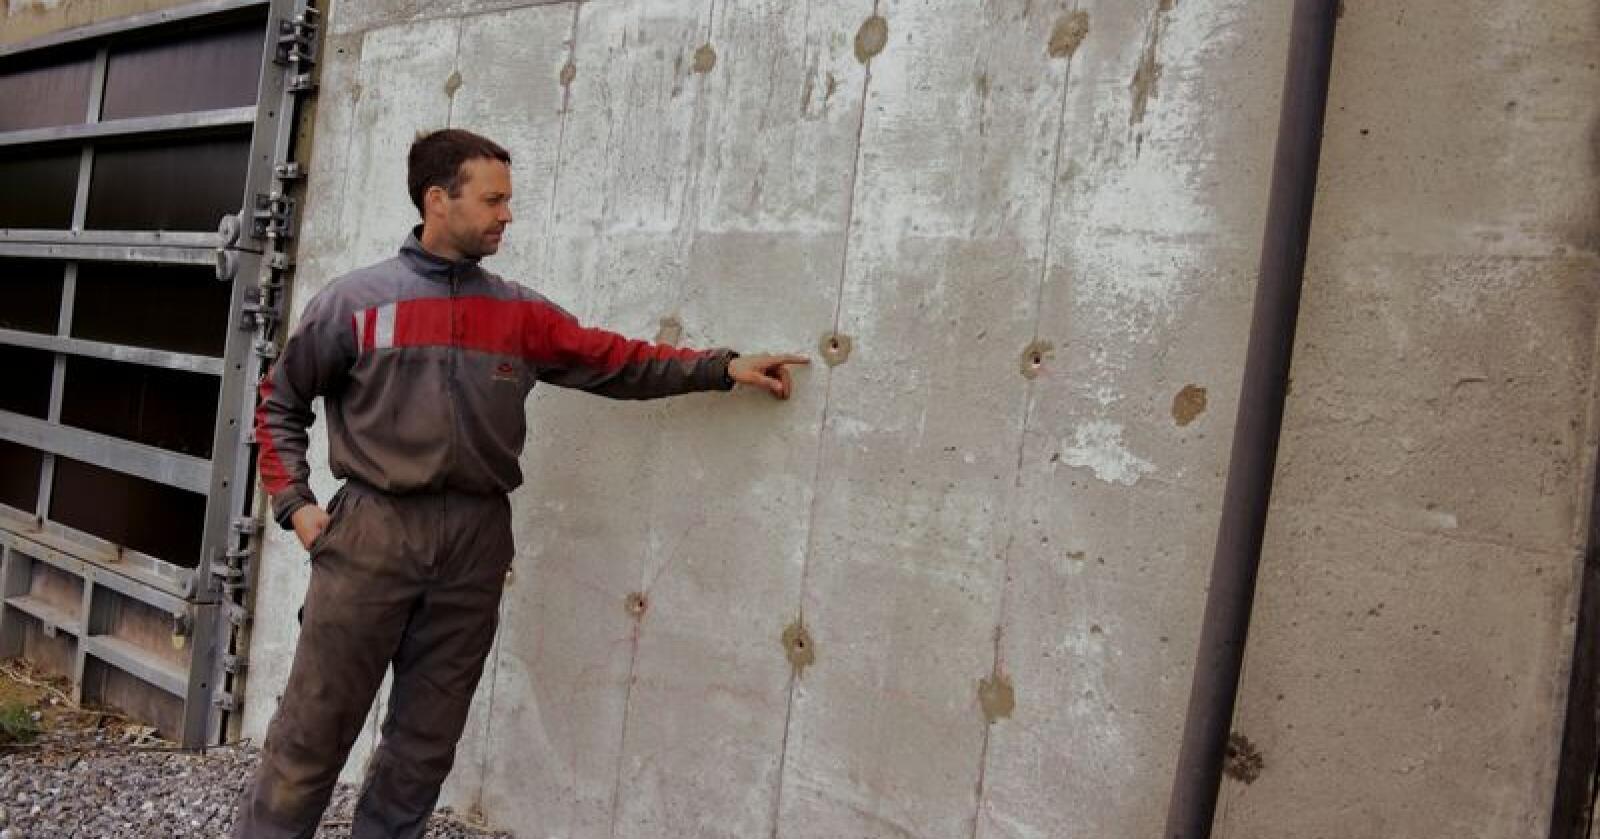 Tom-Rune Davidsen på Vega har fått ødelagt betongen i gjødselkjelleren sin som følge av at ei gjødselpumpe har fungert som jording. Foto: Brønnøysund Avis, Hildegunn Nilsen.